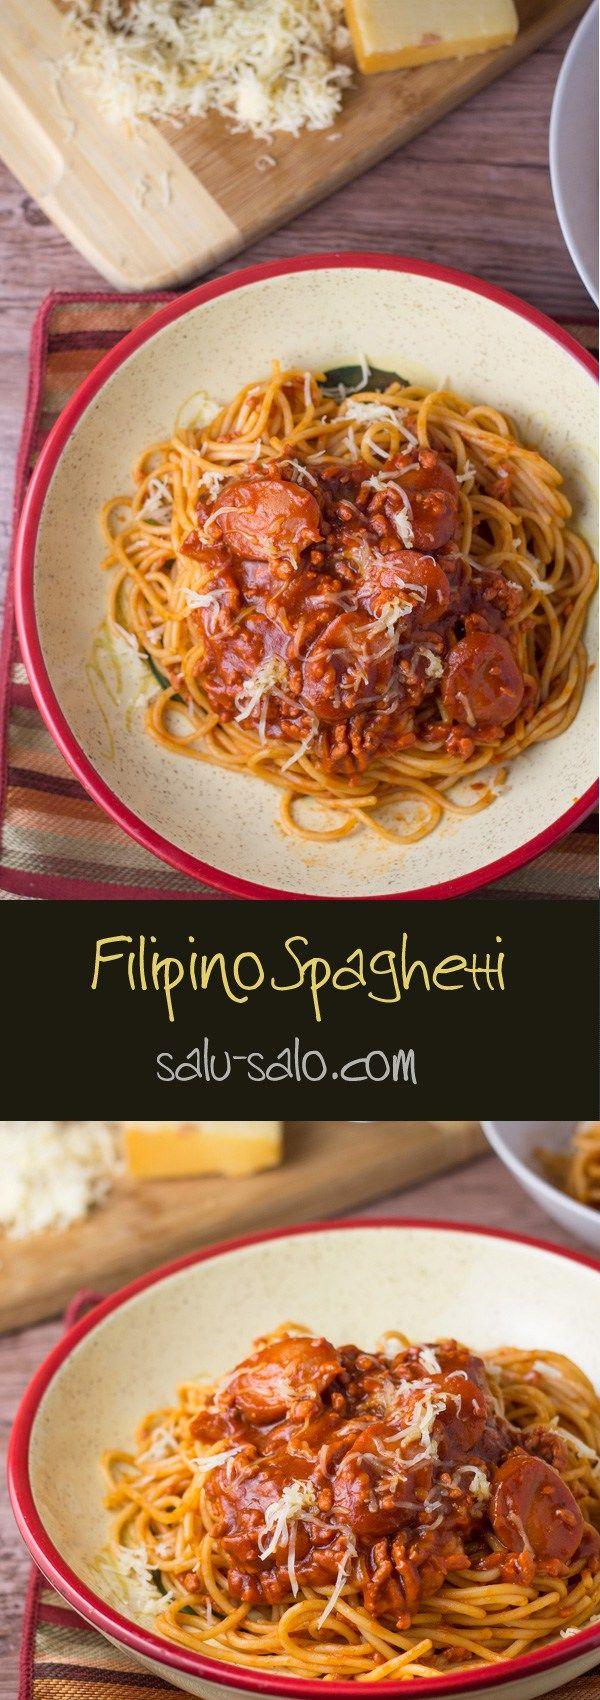 Filipino Spaghetti Salu Salo Recipes Recipe Filipino Spaghetti Spaghetti Recipes Recipes